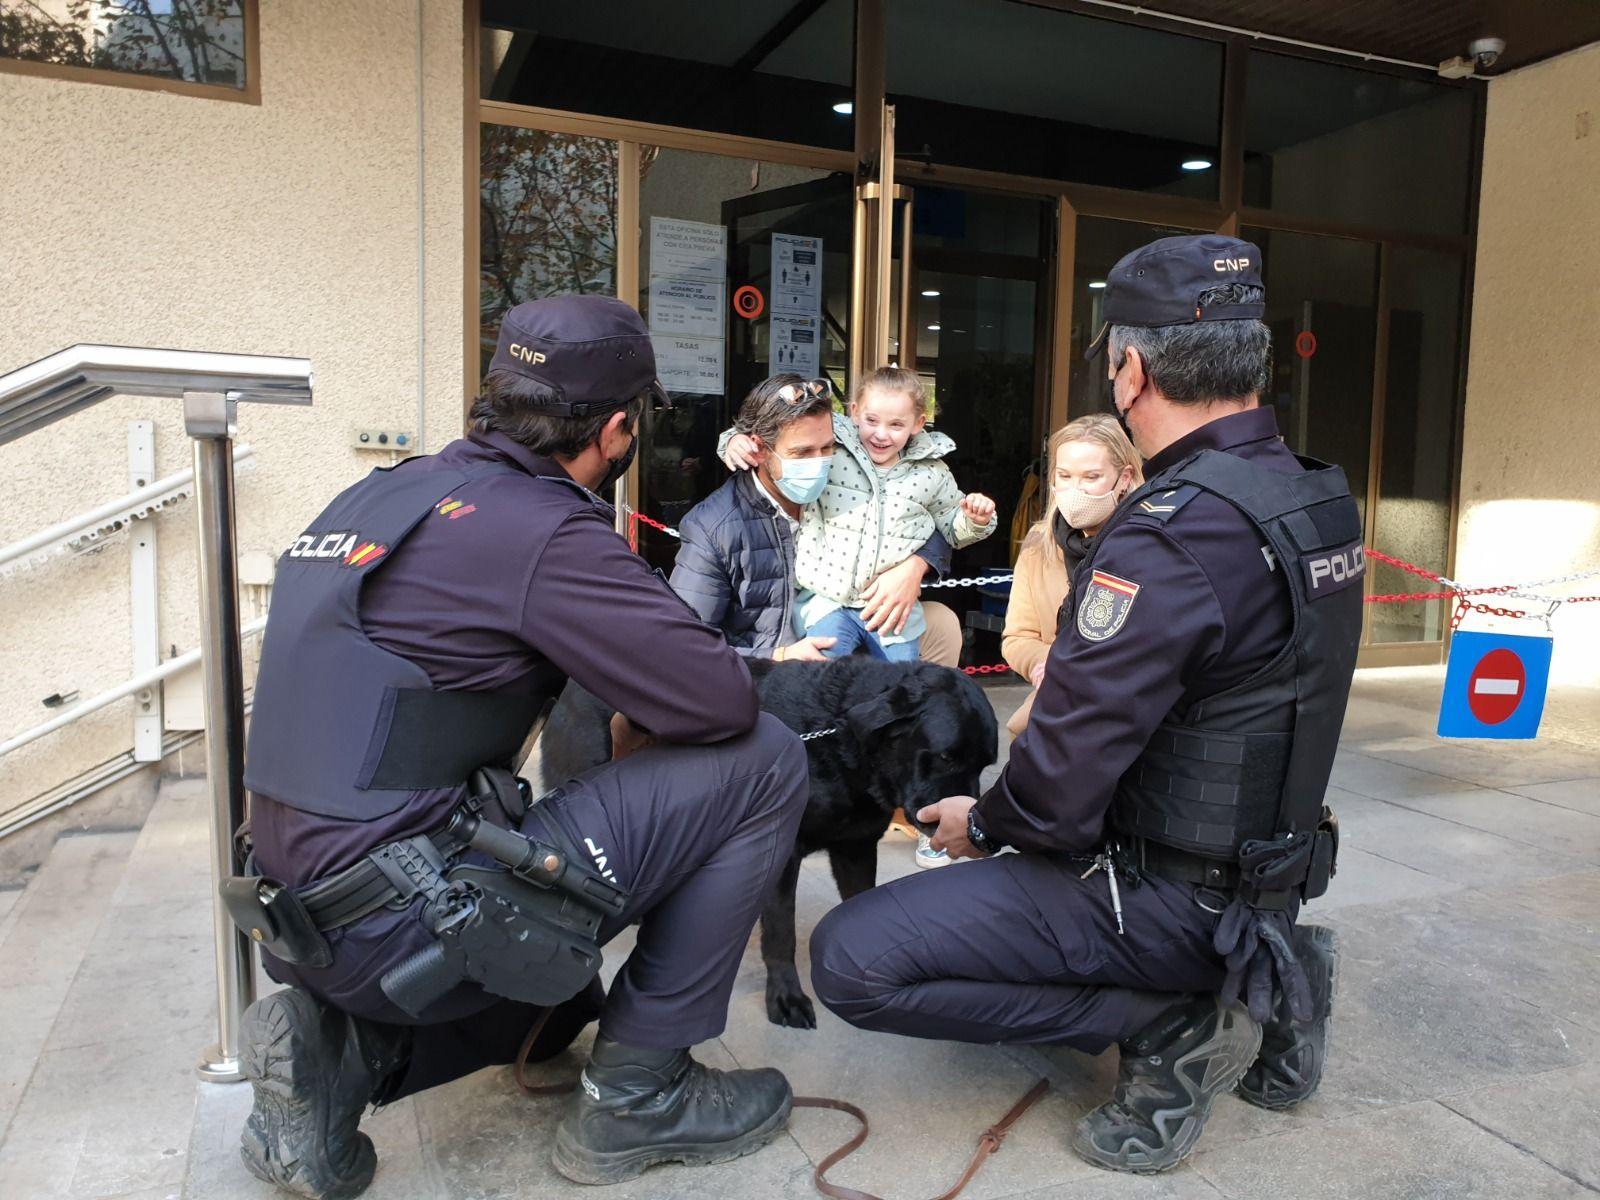 La pequeña Emma visita a la Policía Nacional